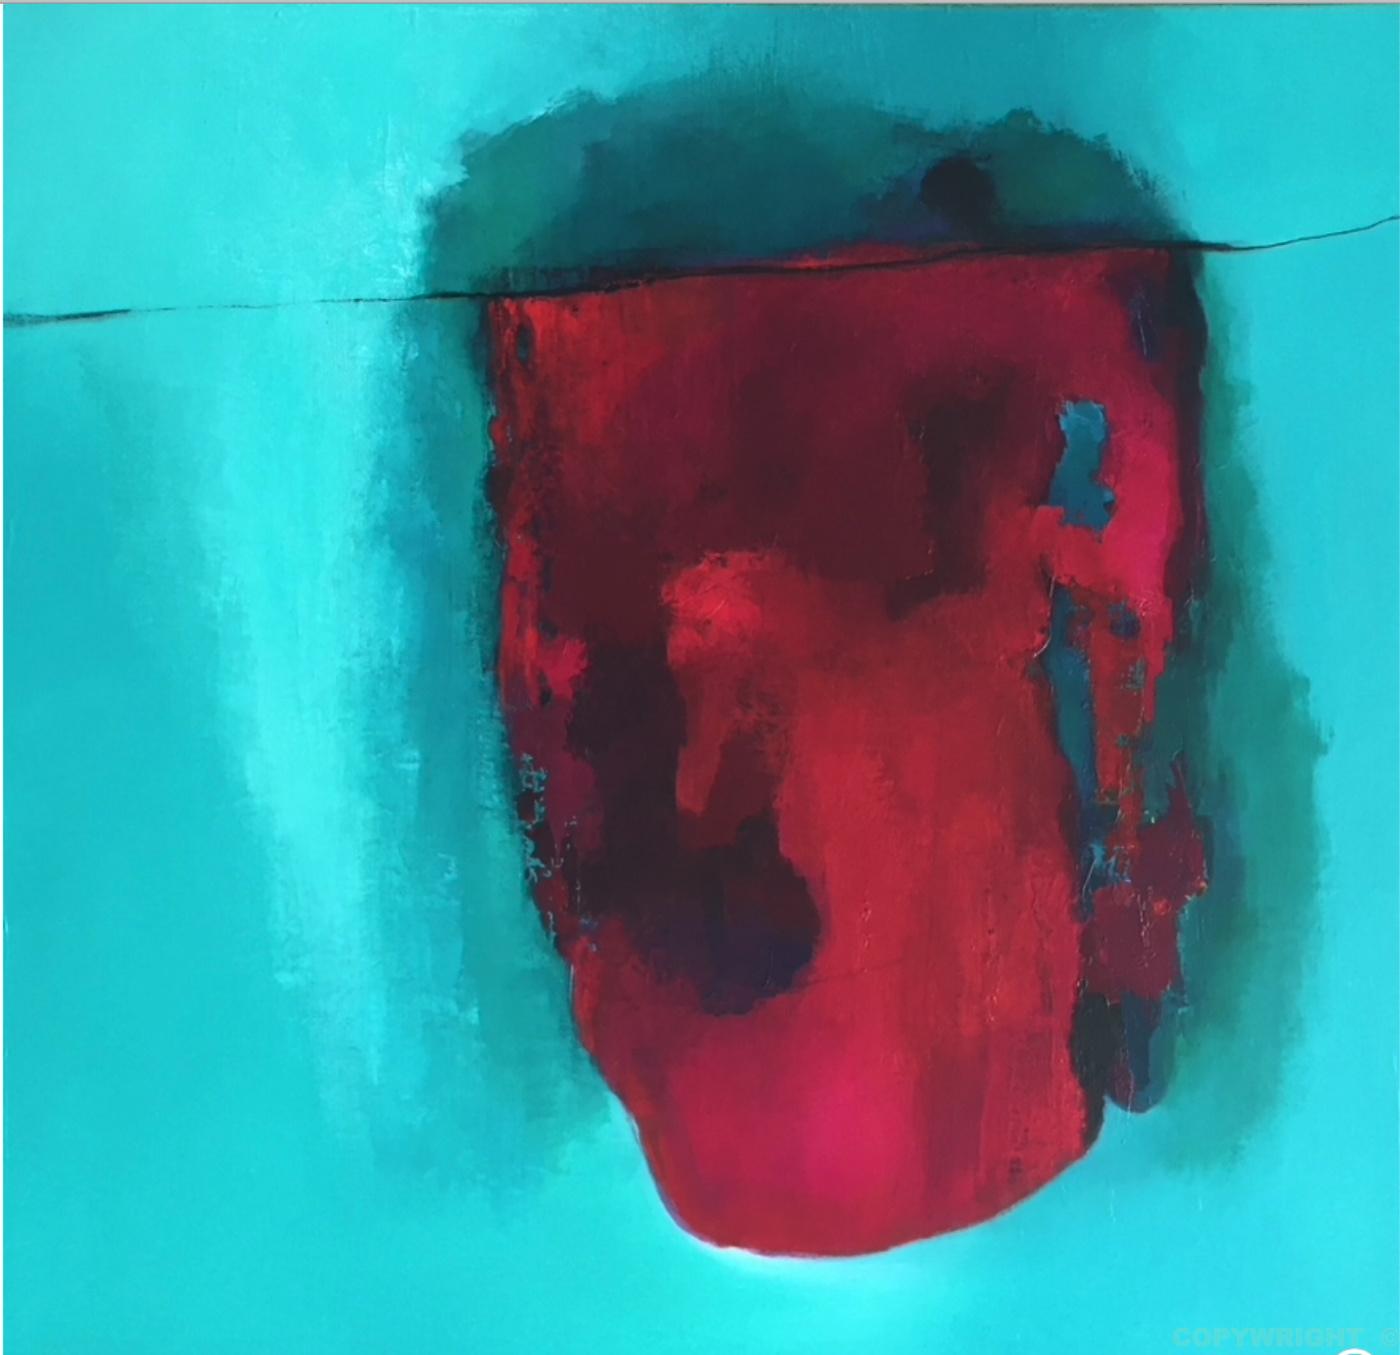 art-peinture- abstraction-tableau-tissus rouge sur fond turquoise, coeur rouge troué-Nathalie Noël